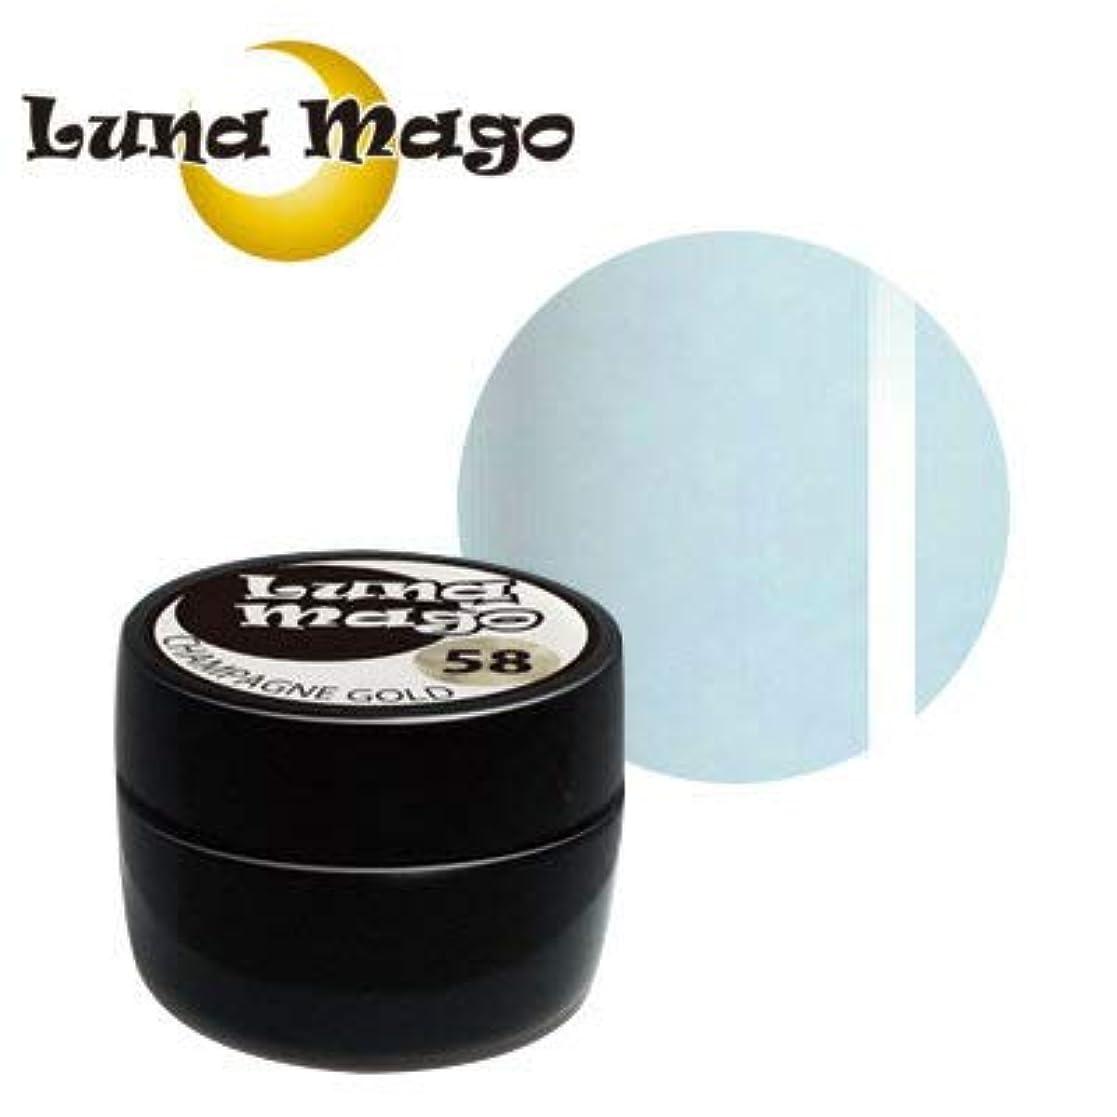 くすぐったい曲線事件、出来事Luna Mago カラージェル 5g 043 ラインブルー